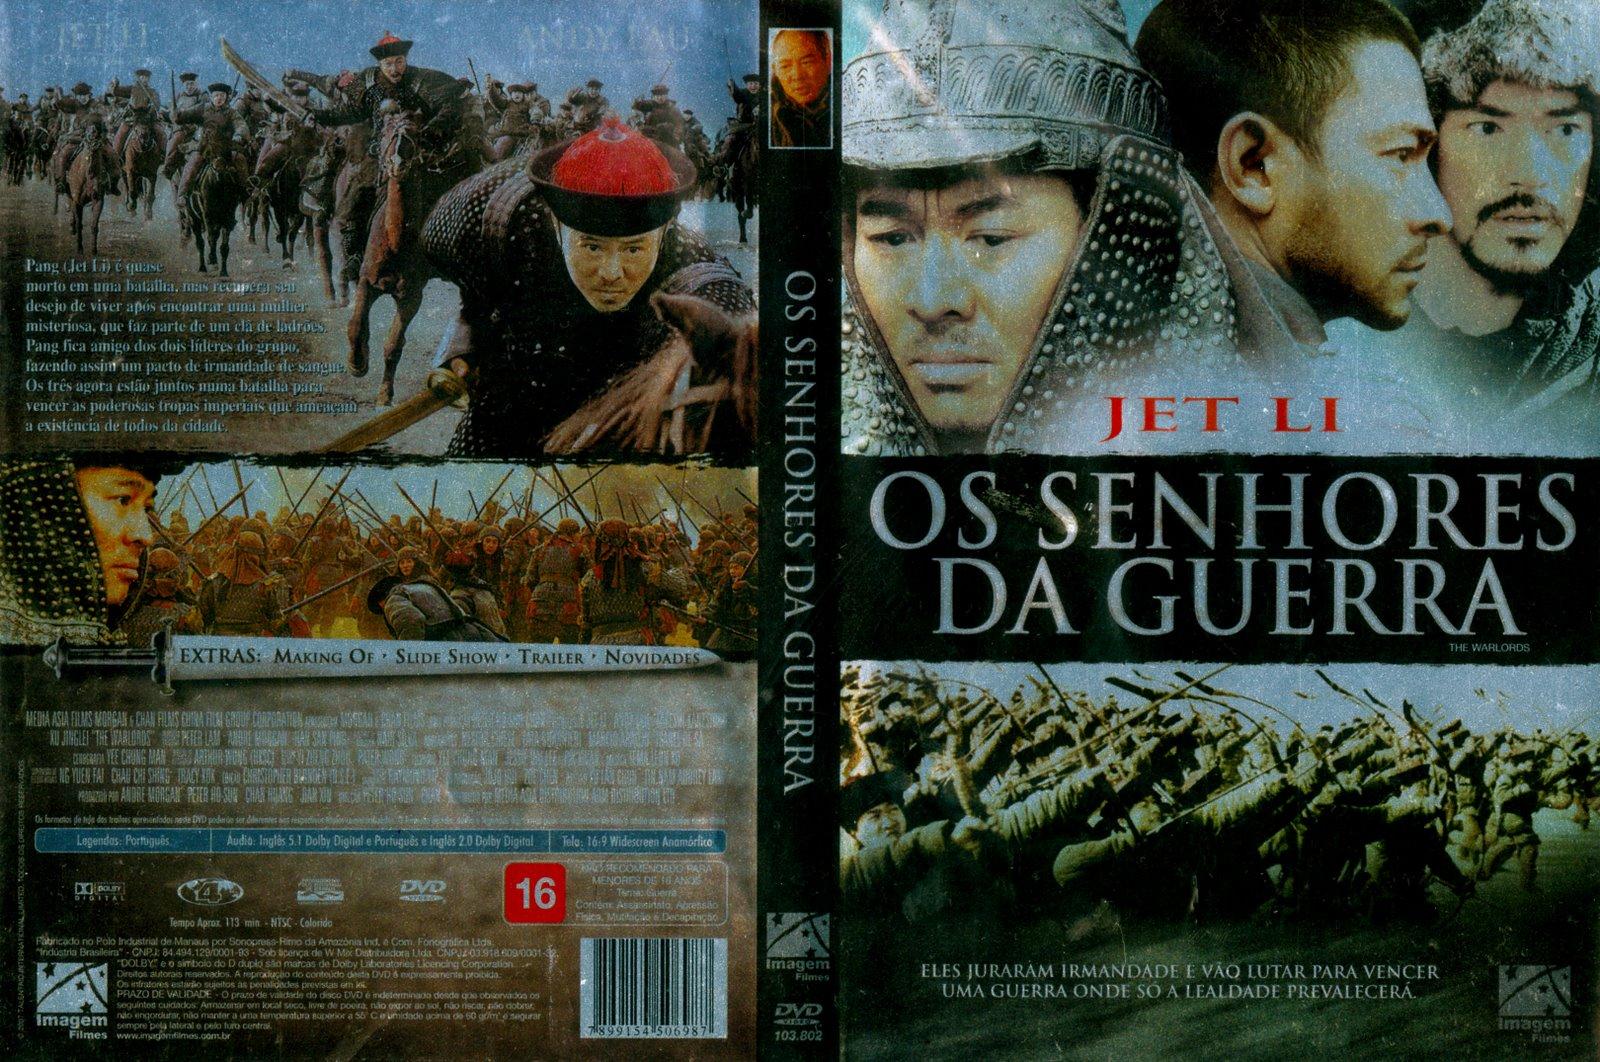 http://4.bp.blogspot.com/_GqpLe7EsmXI/S7CqeHfRcBI/AAAAAAAAADs/GRLX4H34kMc/s1600/Os_Senhores_Da_Guerra.jpg